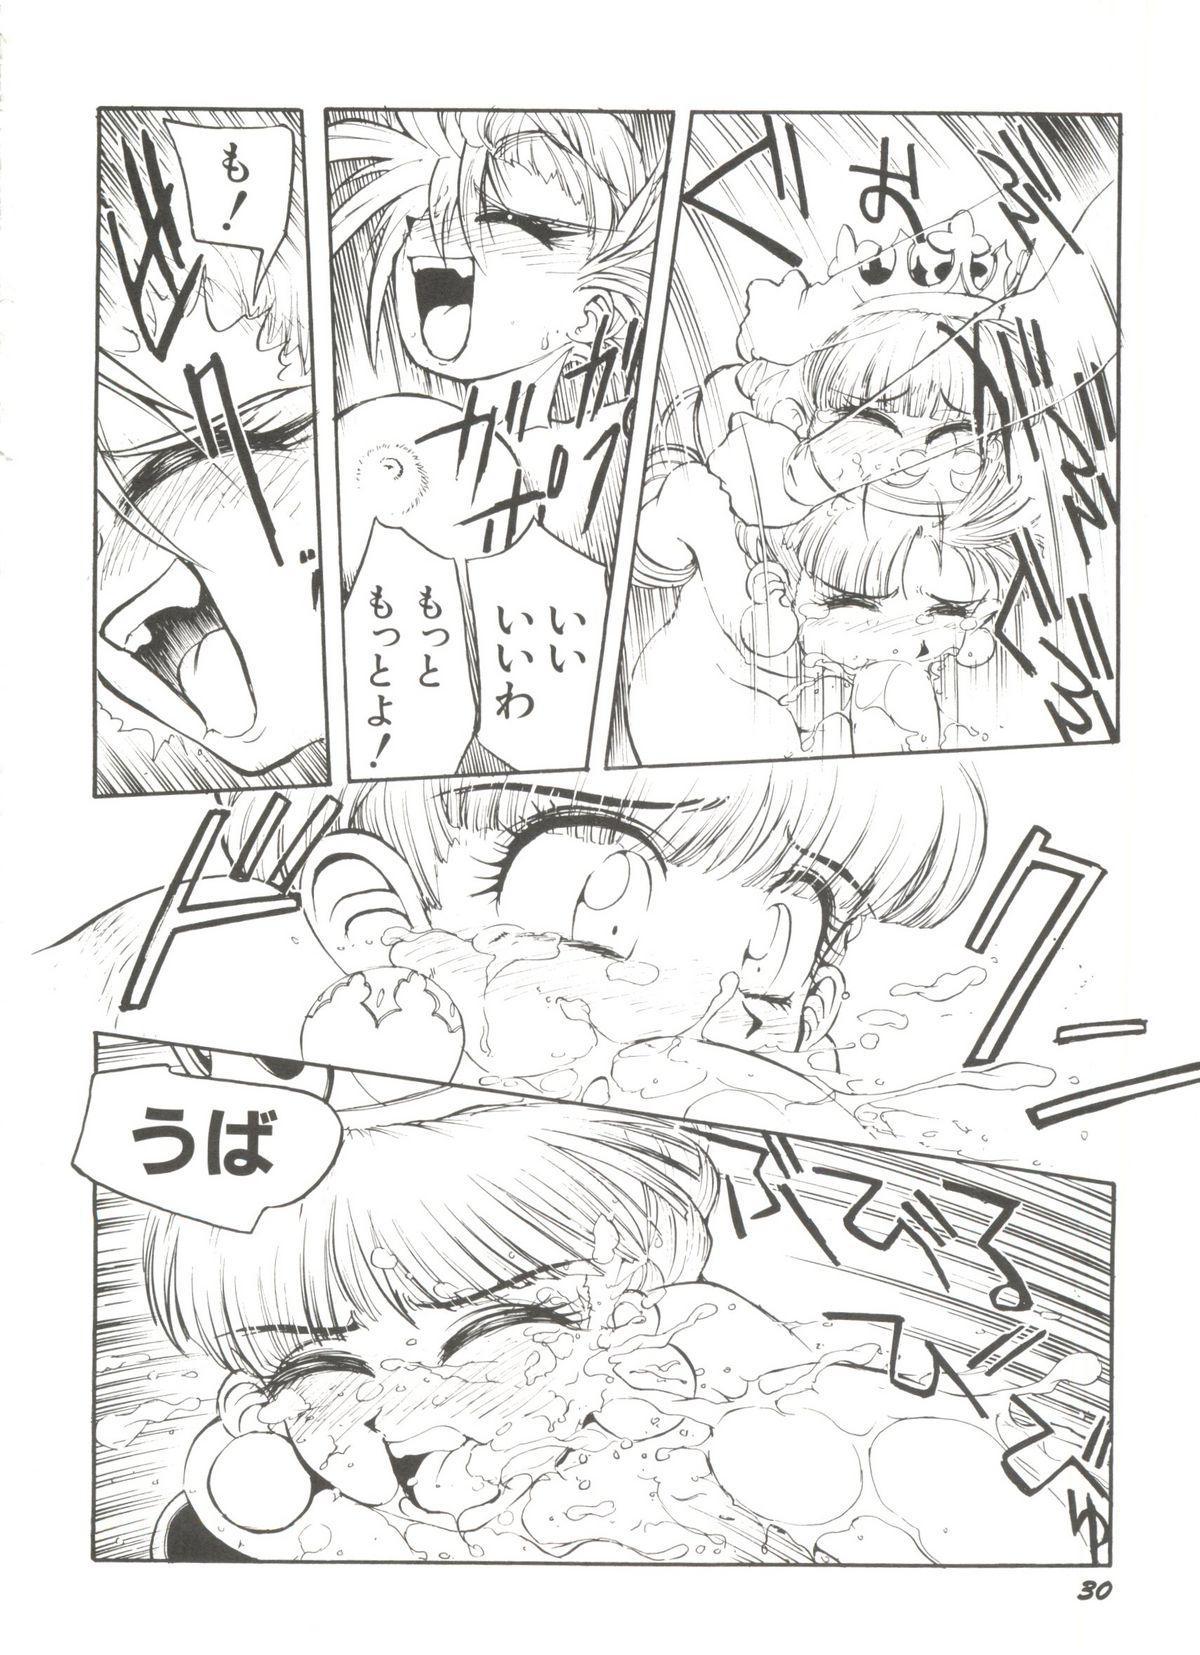 Denei Tamate Bako Bishoujo Doujinshi Anthology Vol. 2 - Nishinhou no Tenshi 33